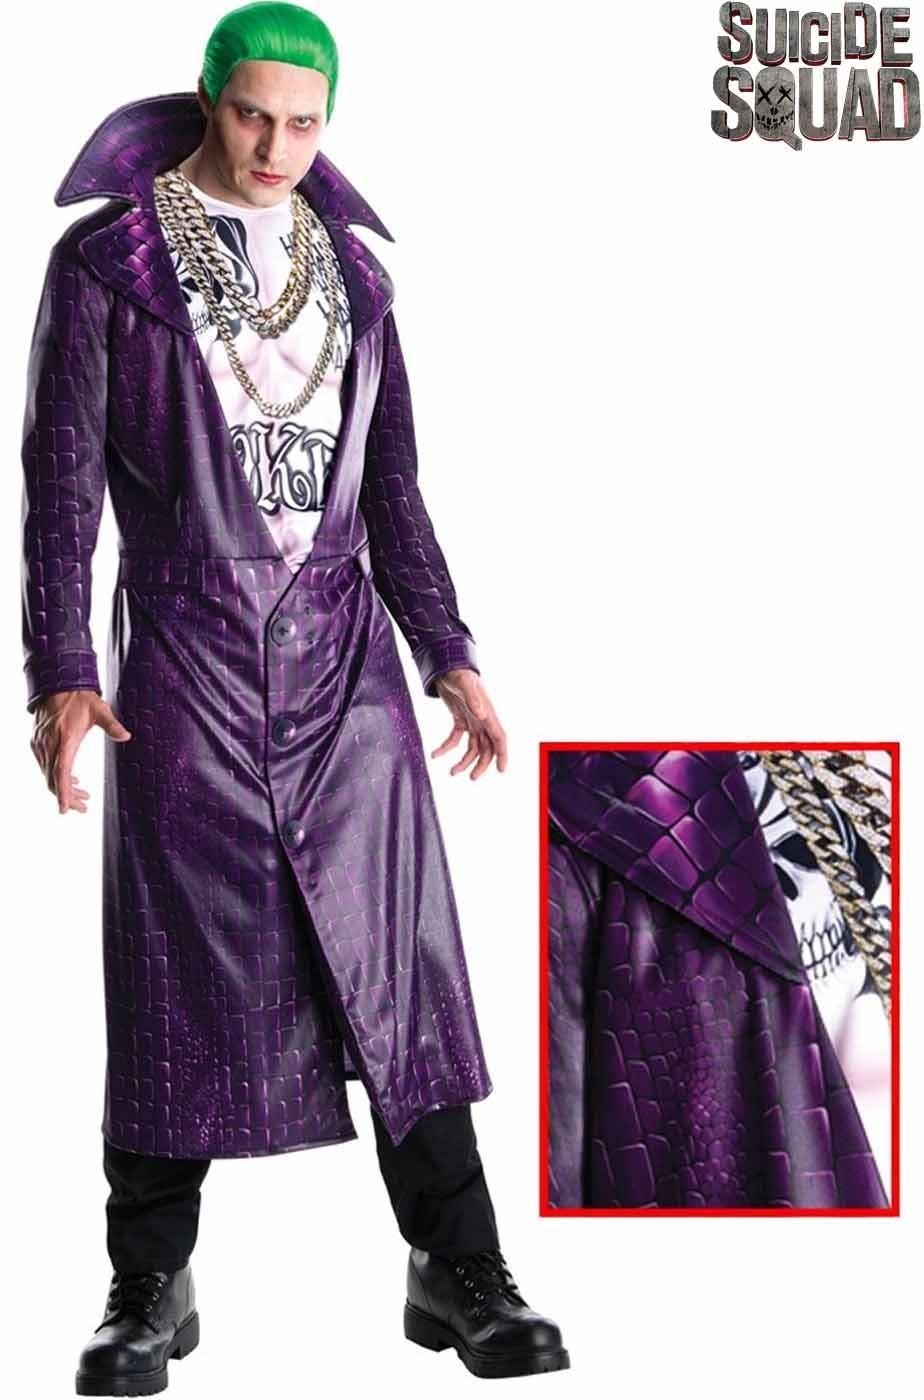 Adulto In Di Leto Costume Joker Suicide Squad Jared LGpqVzSUM